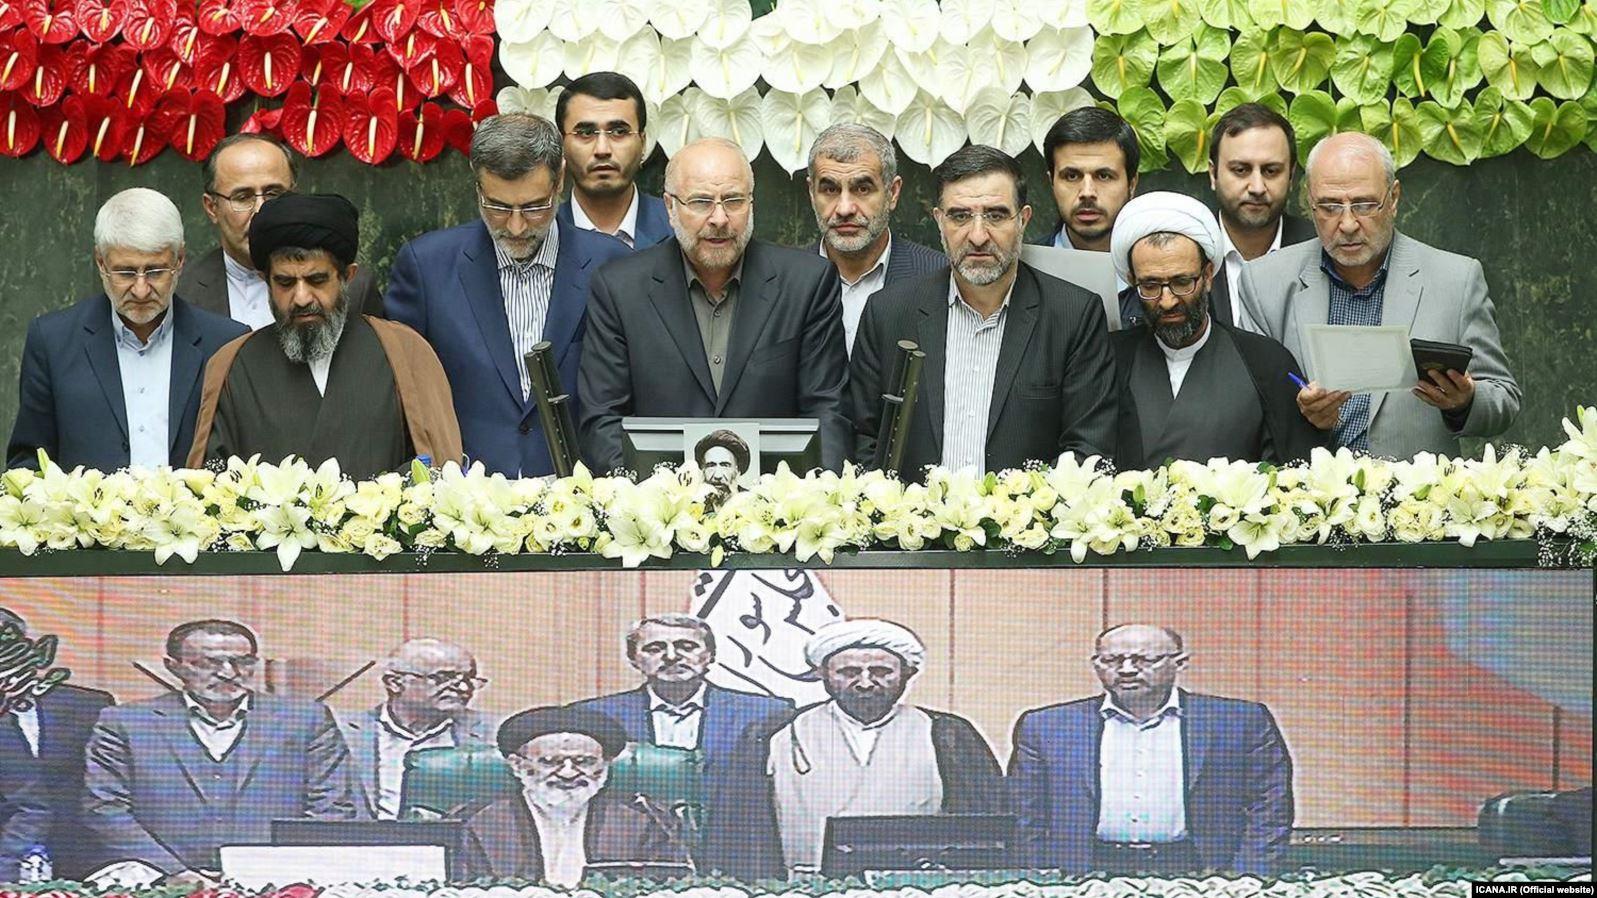 مجلس شورای فرماندهان سپاه پاسداران انقلاب اسلامی